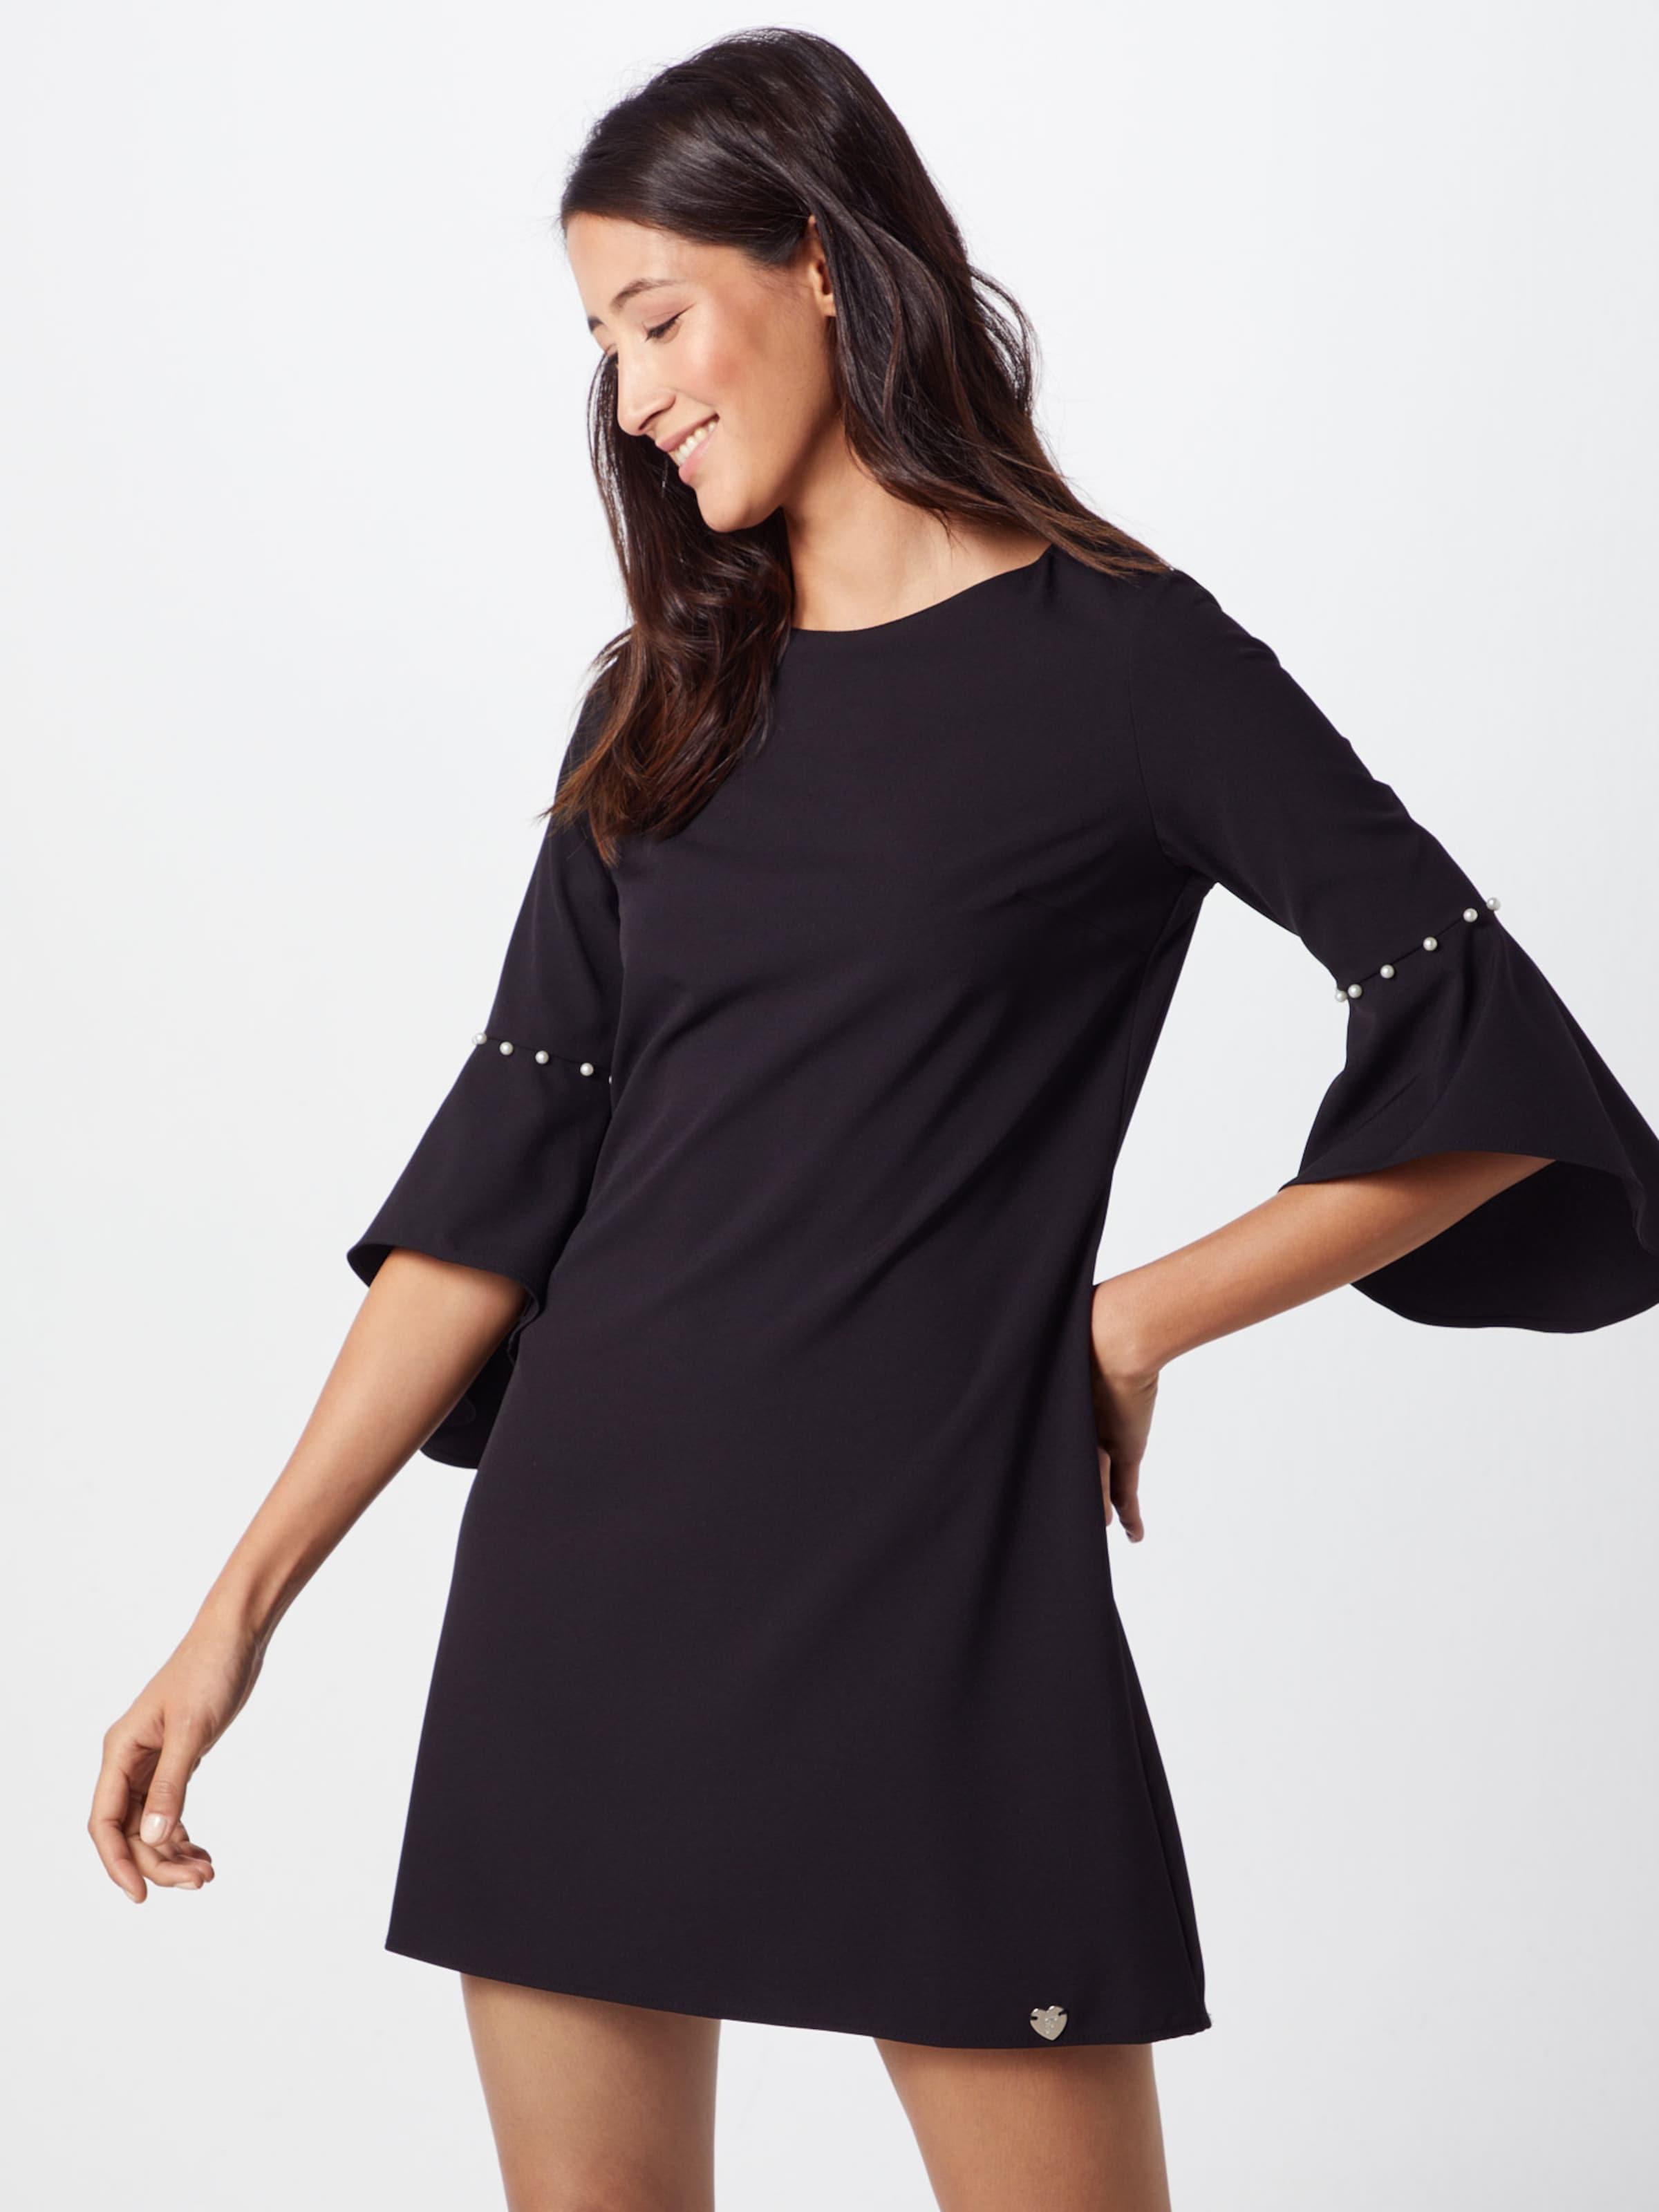 Kleid Kleid Fornarina In In Schwarz Fornarina Fornarina Kleid 'seth' Schwarz 'seth' TFK1Jlc